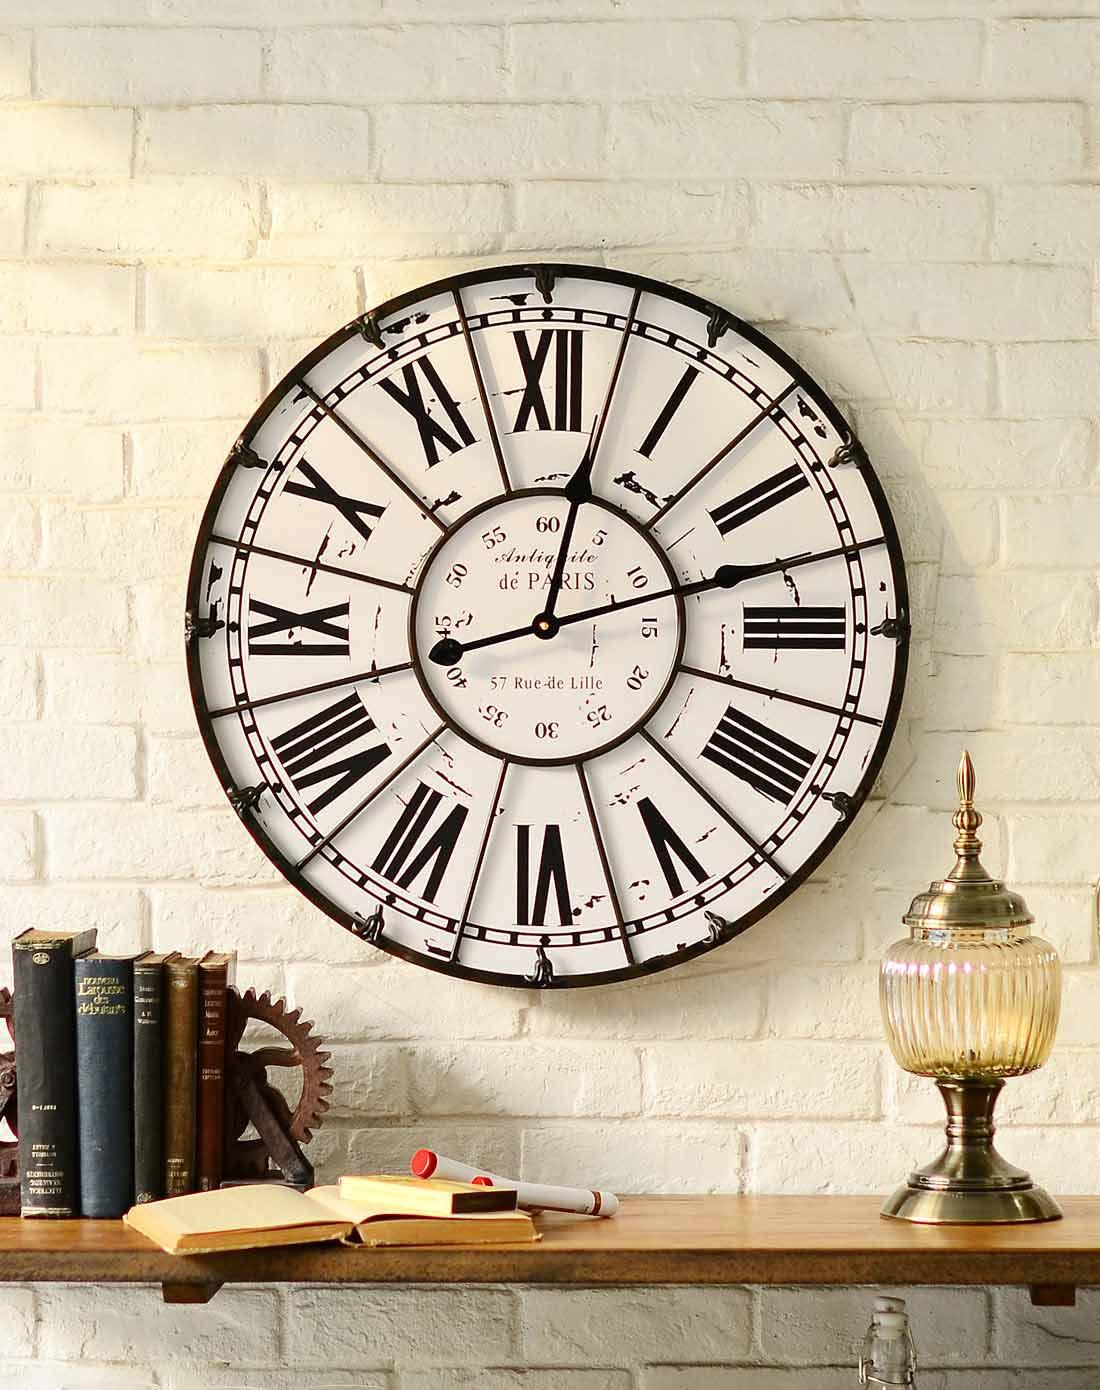 美式墙面装饰挂钟 铁艺罗马数字客厅挂钟图片